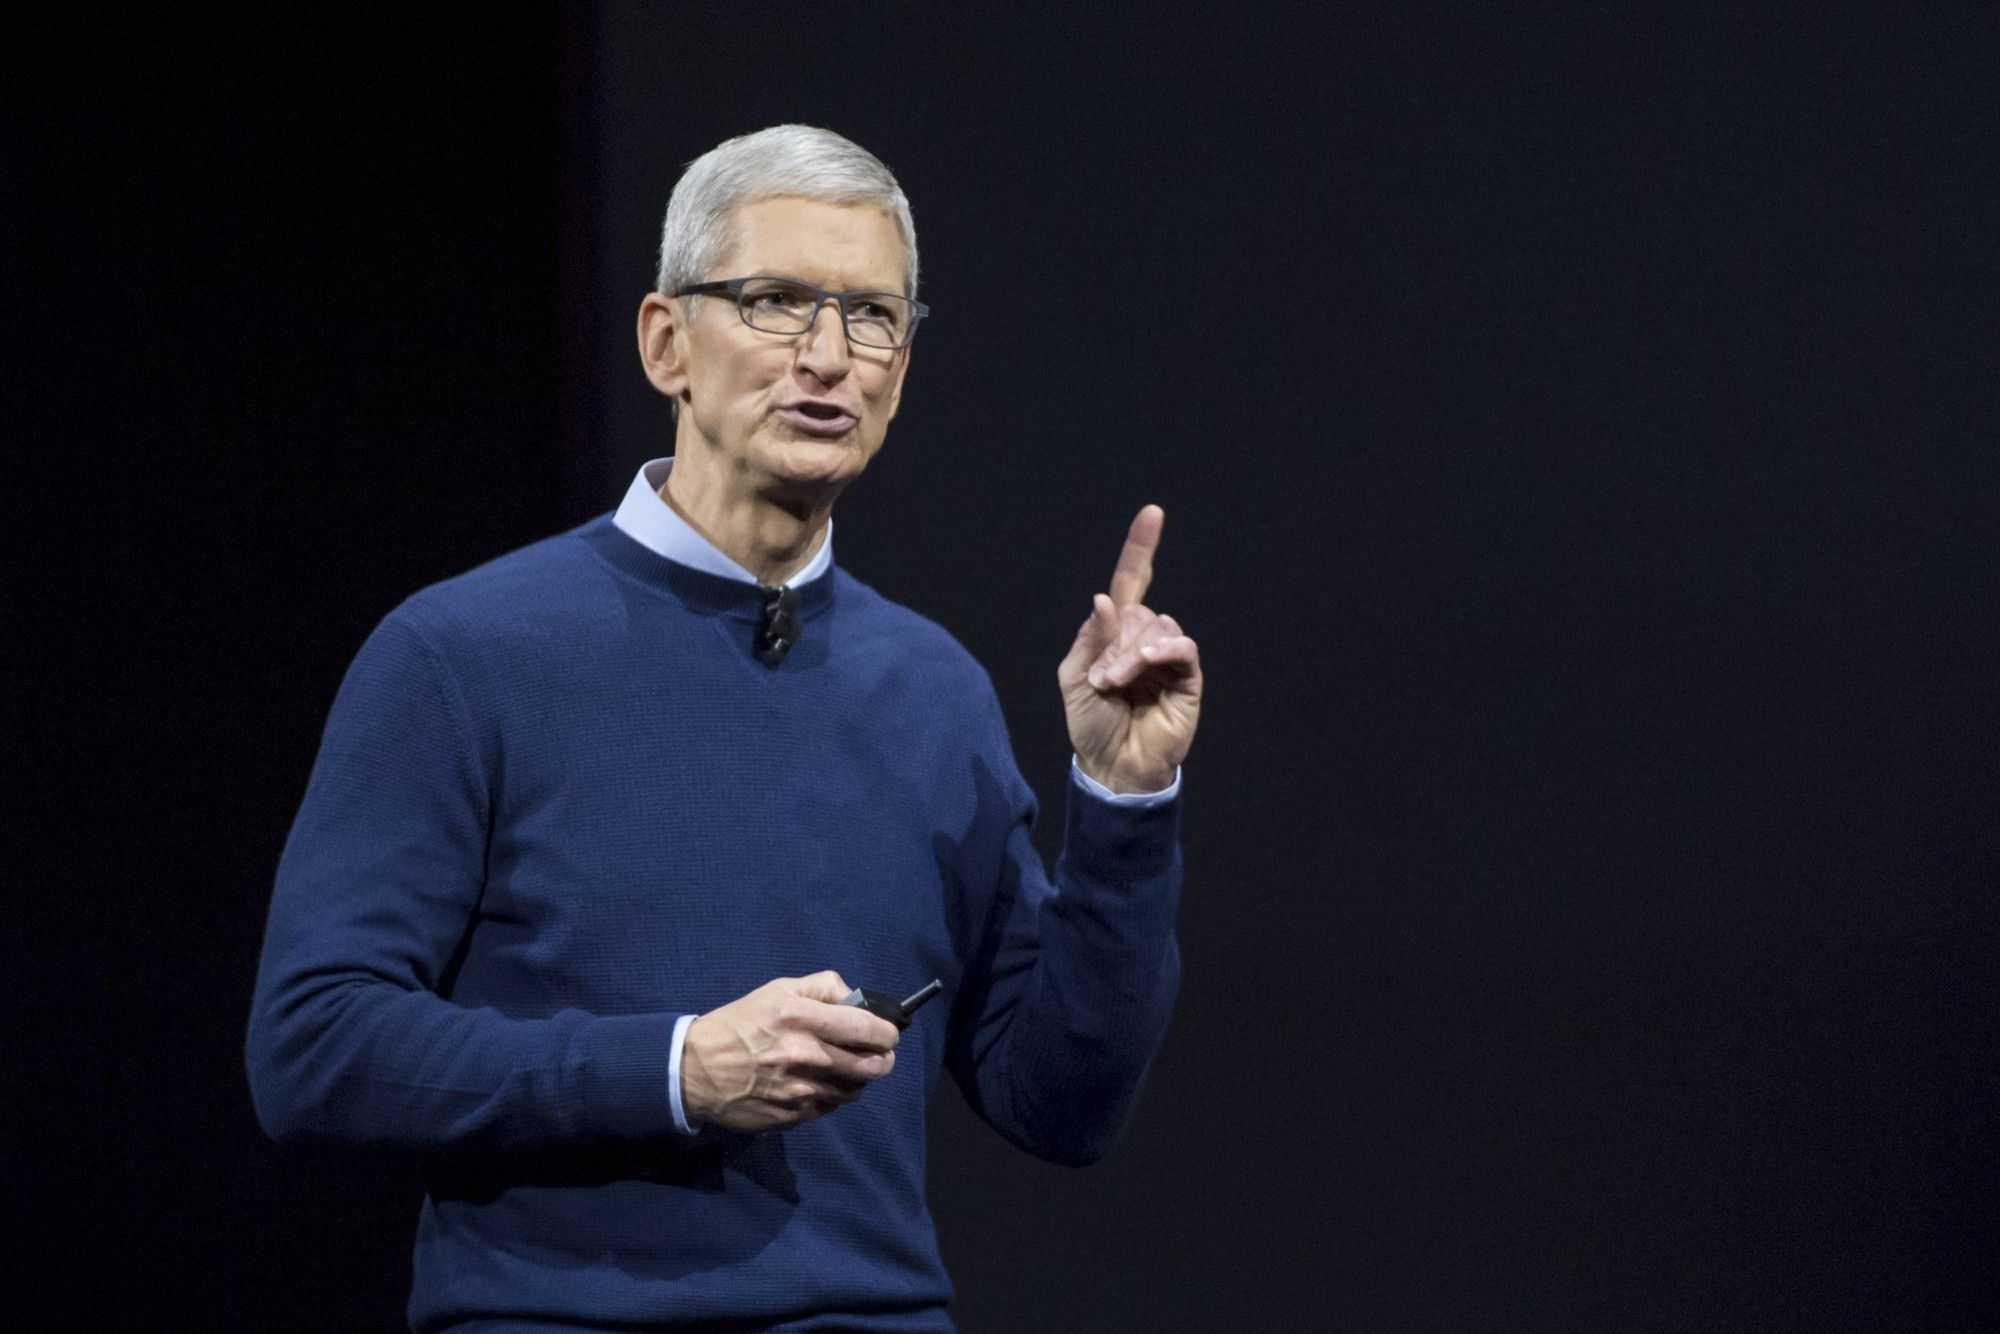 Что случилось с apple? samsung впервые за три года обошла ее на важном рынке - androidinsider.ru